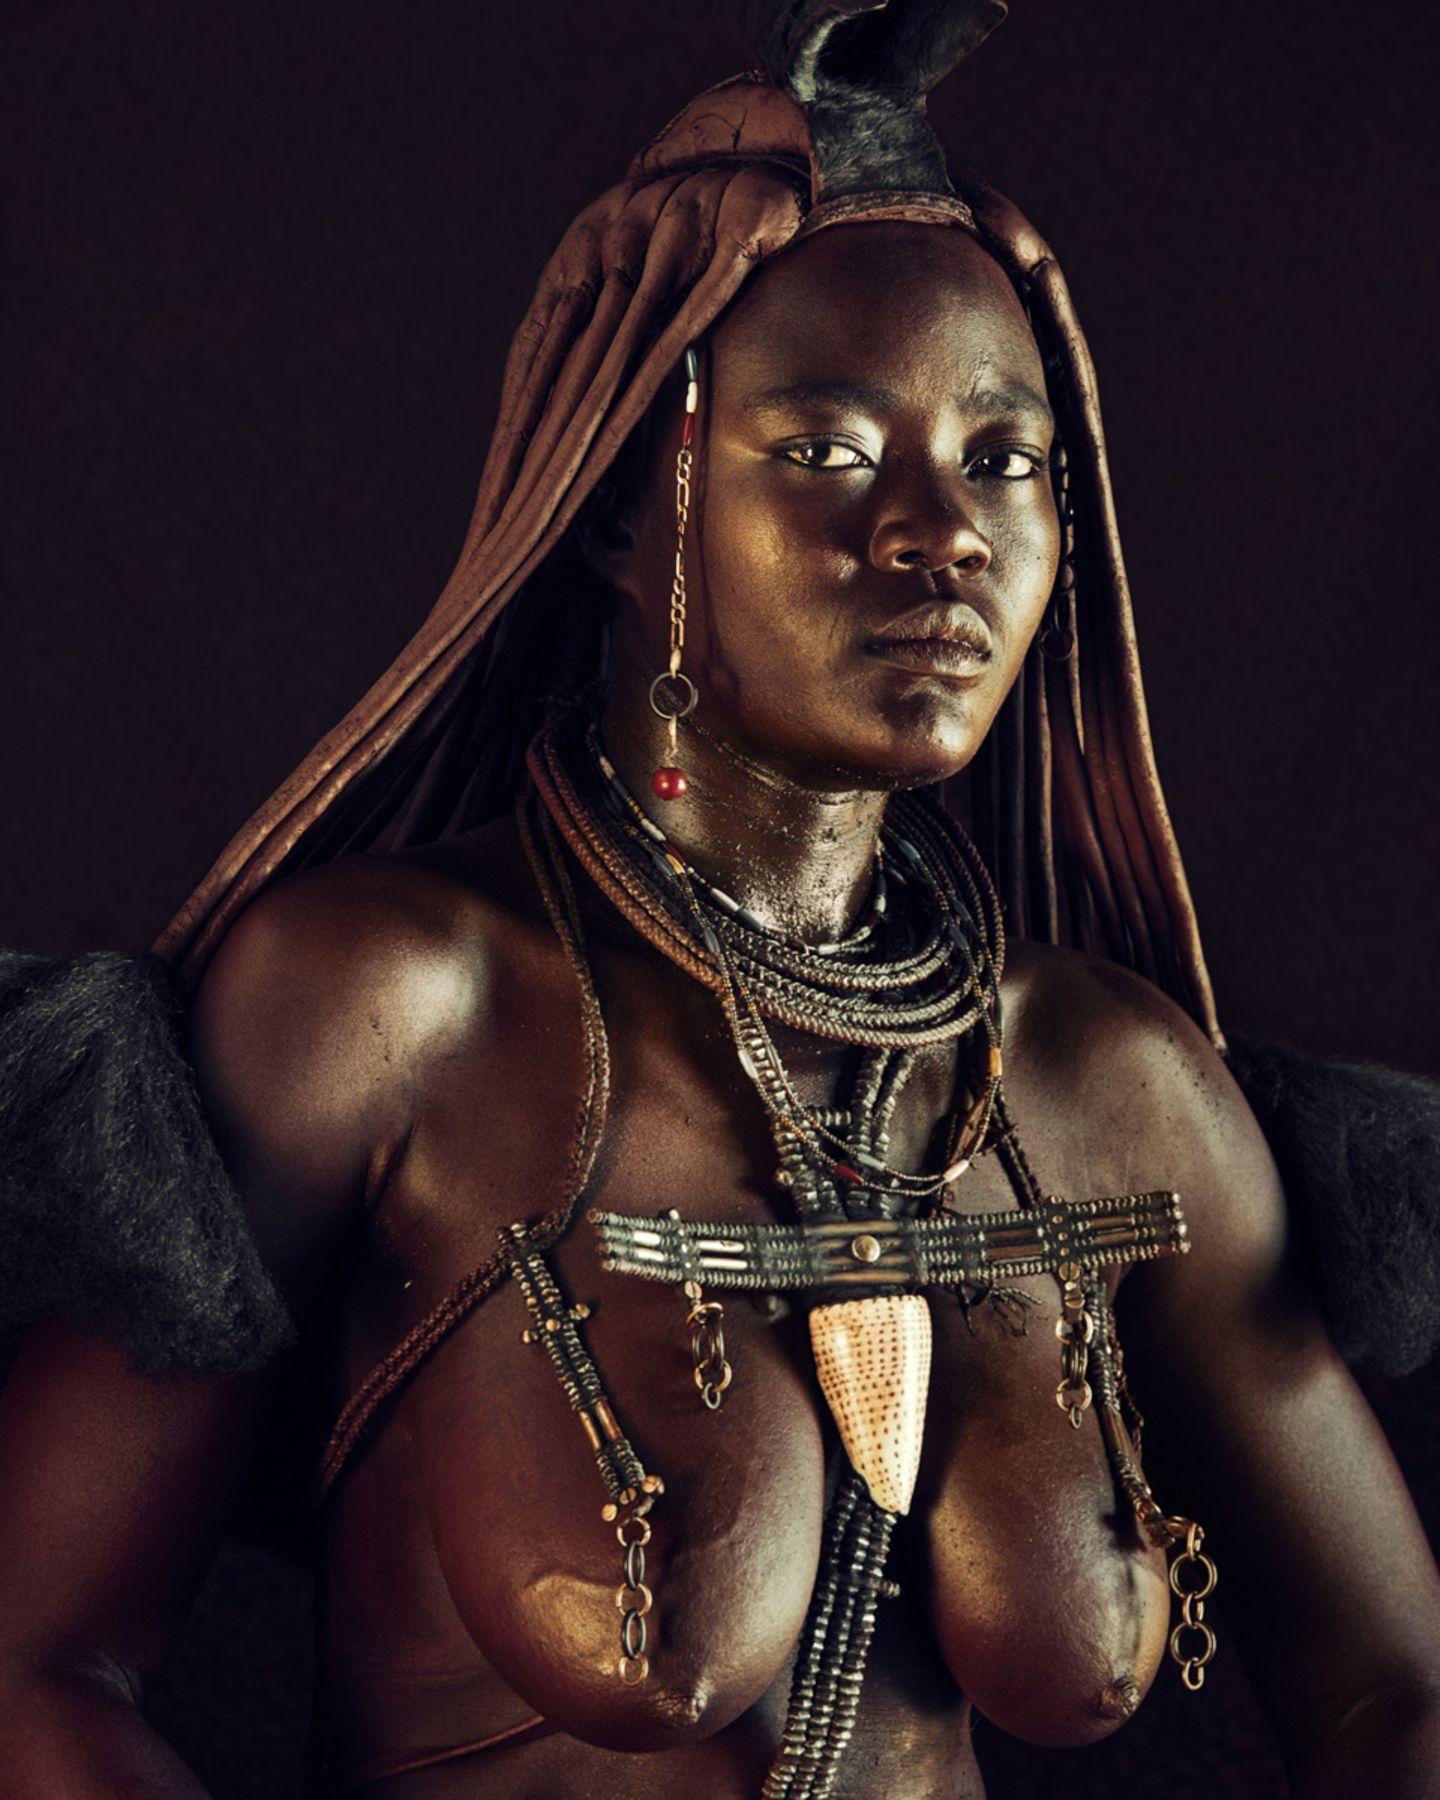 Die Otjize-Paste, hergestellt aus Butterfett und  Ockerpigment, parfümiert mit dem Harz einer Myrrhenart, schützt die Himba vo…